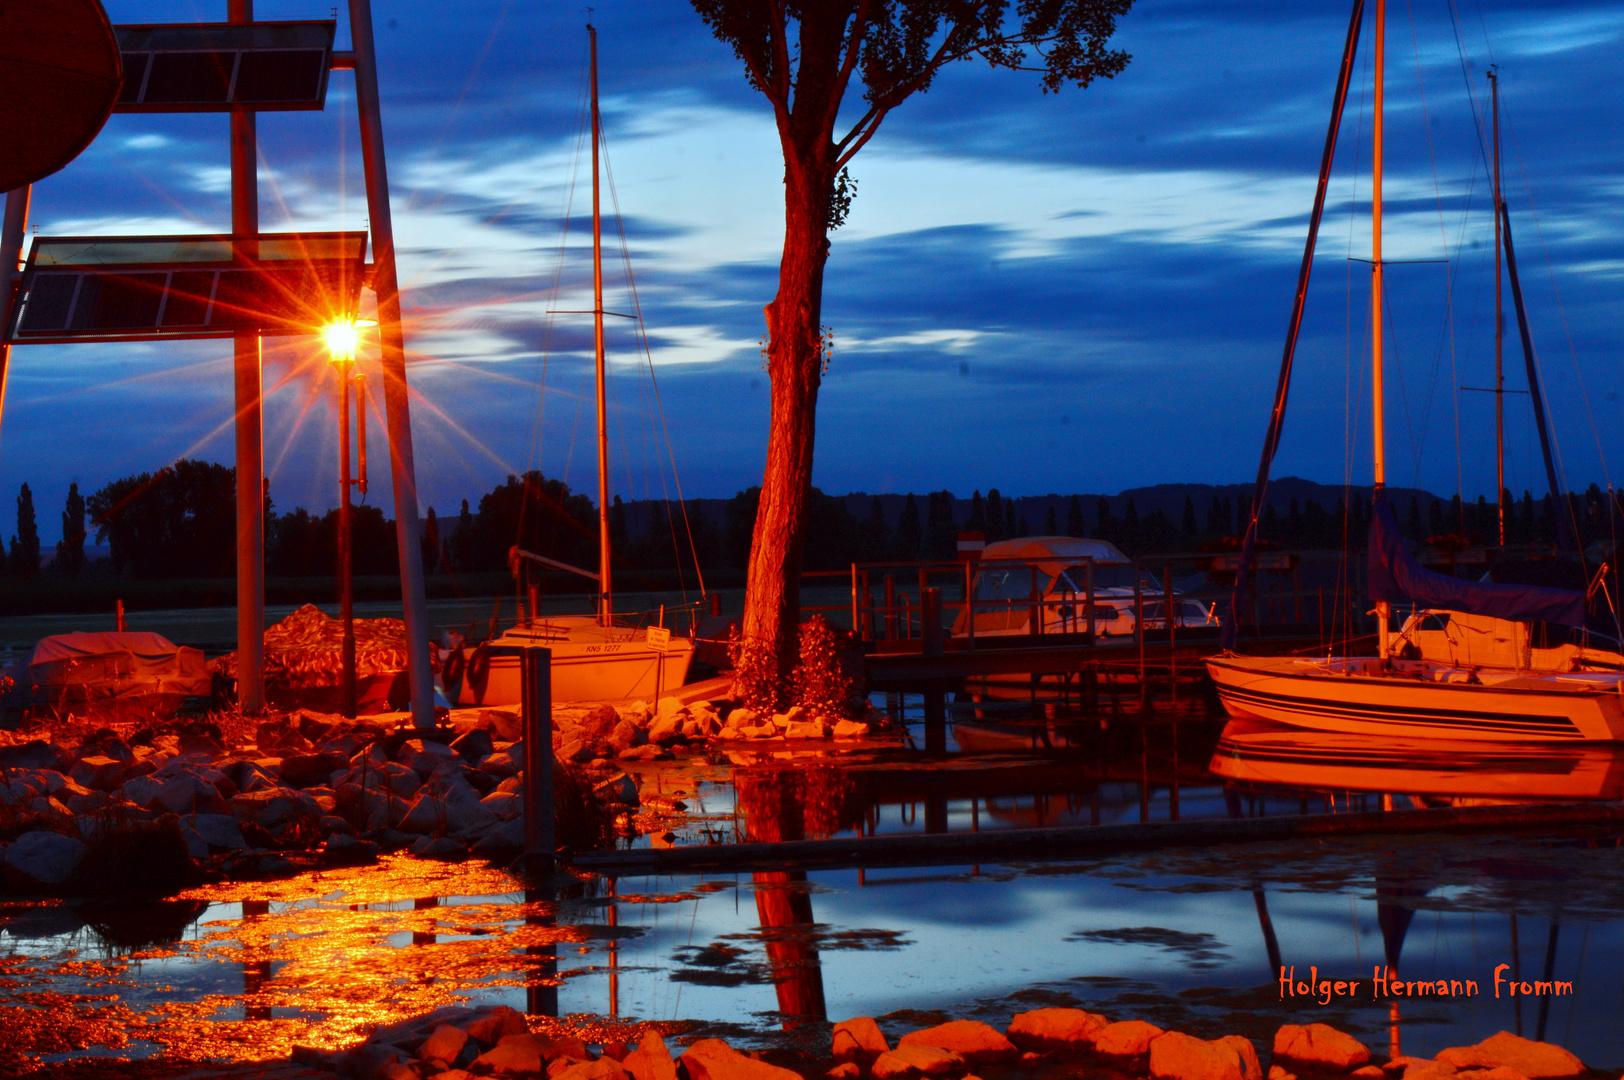 Abends im Hafen von Moos / Bodensee